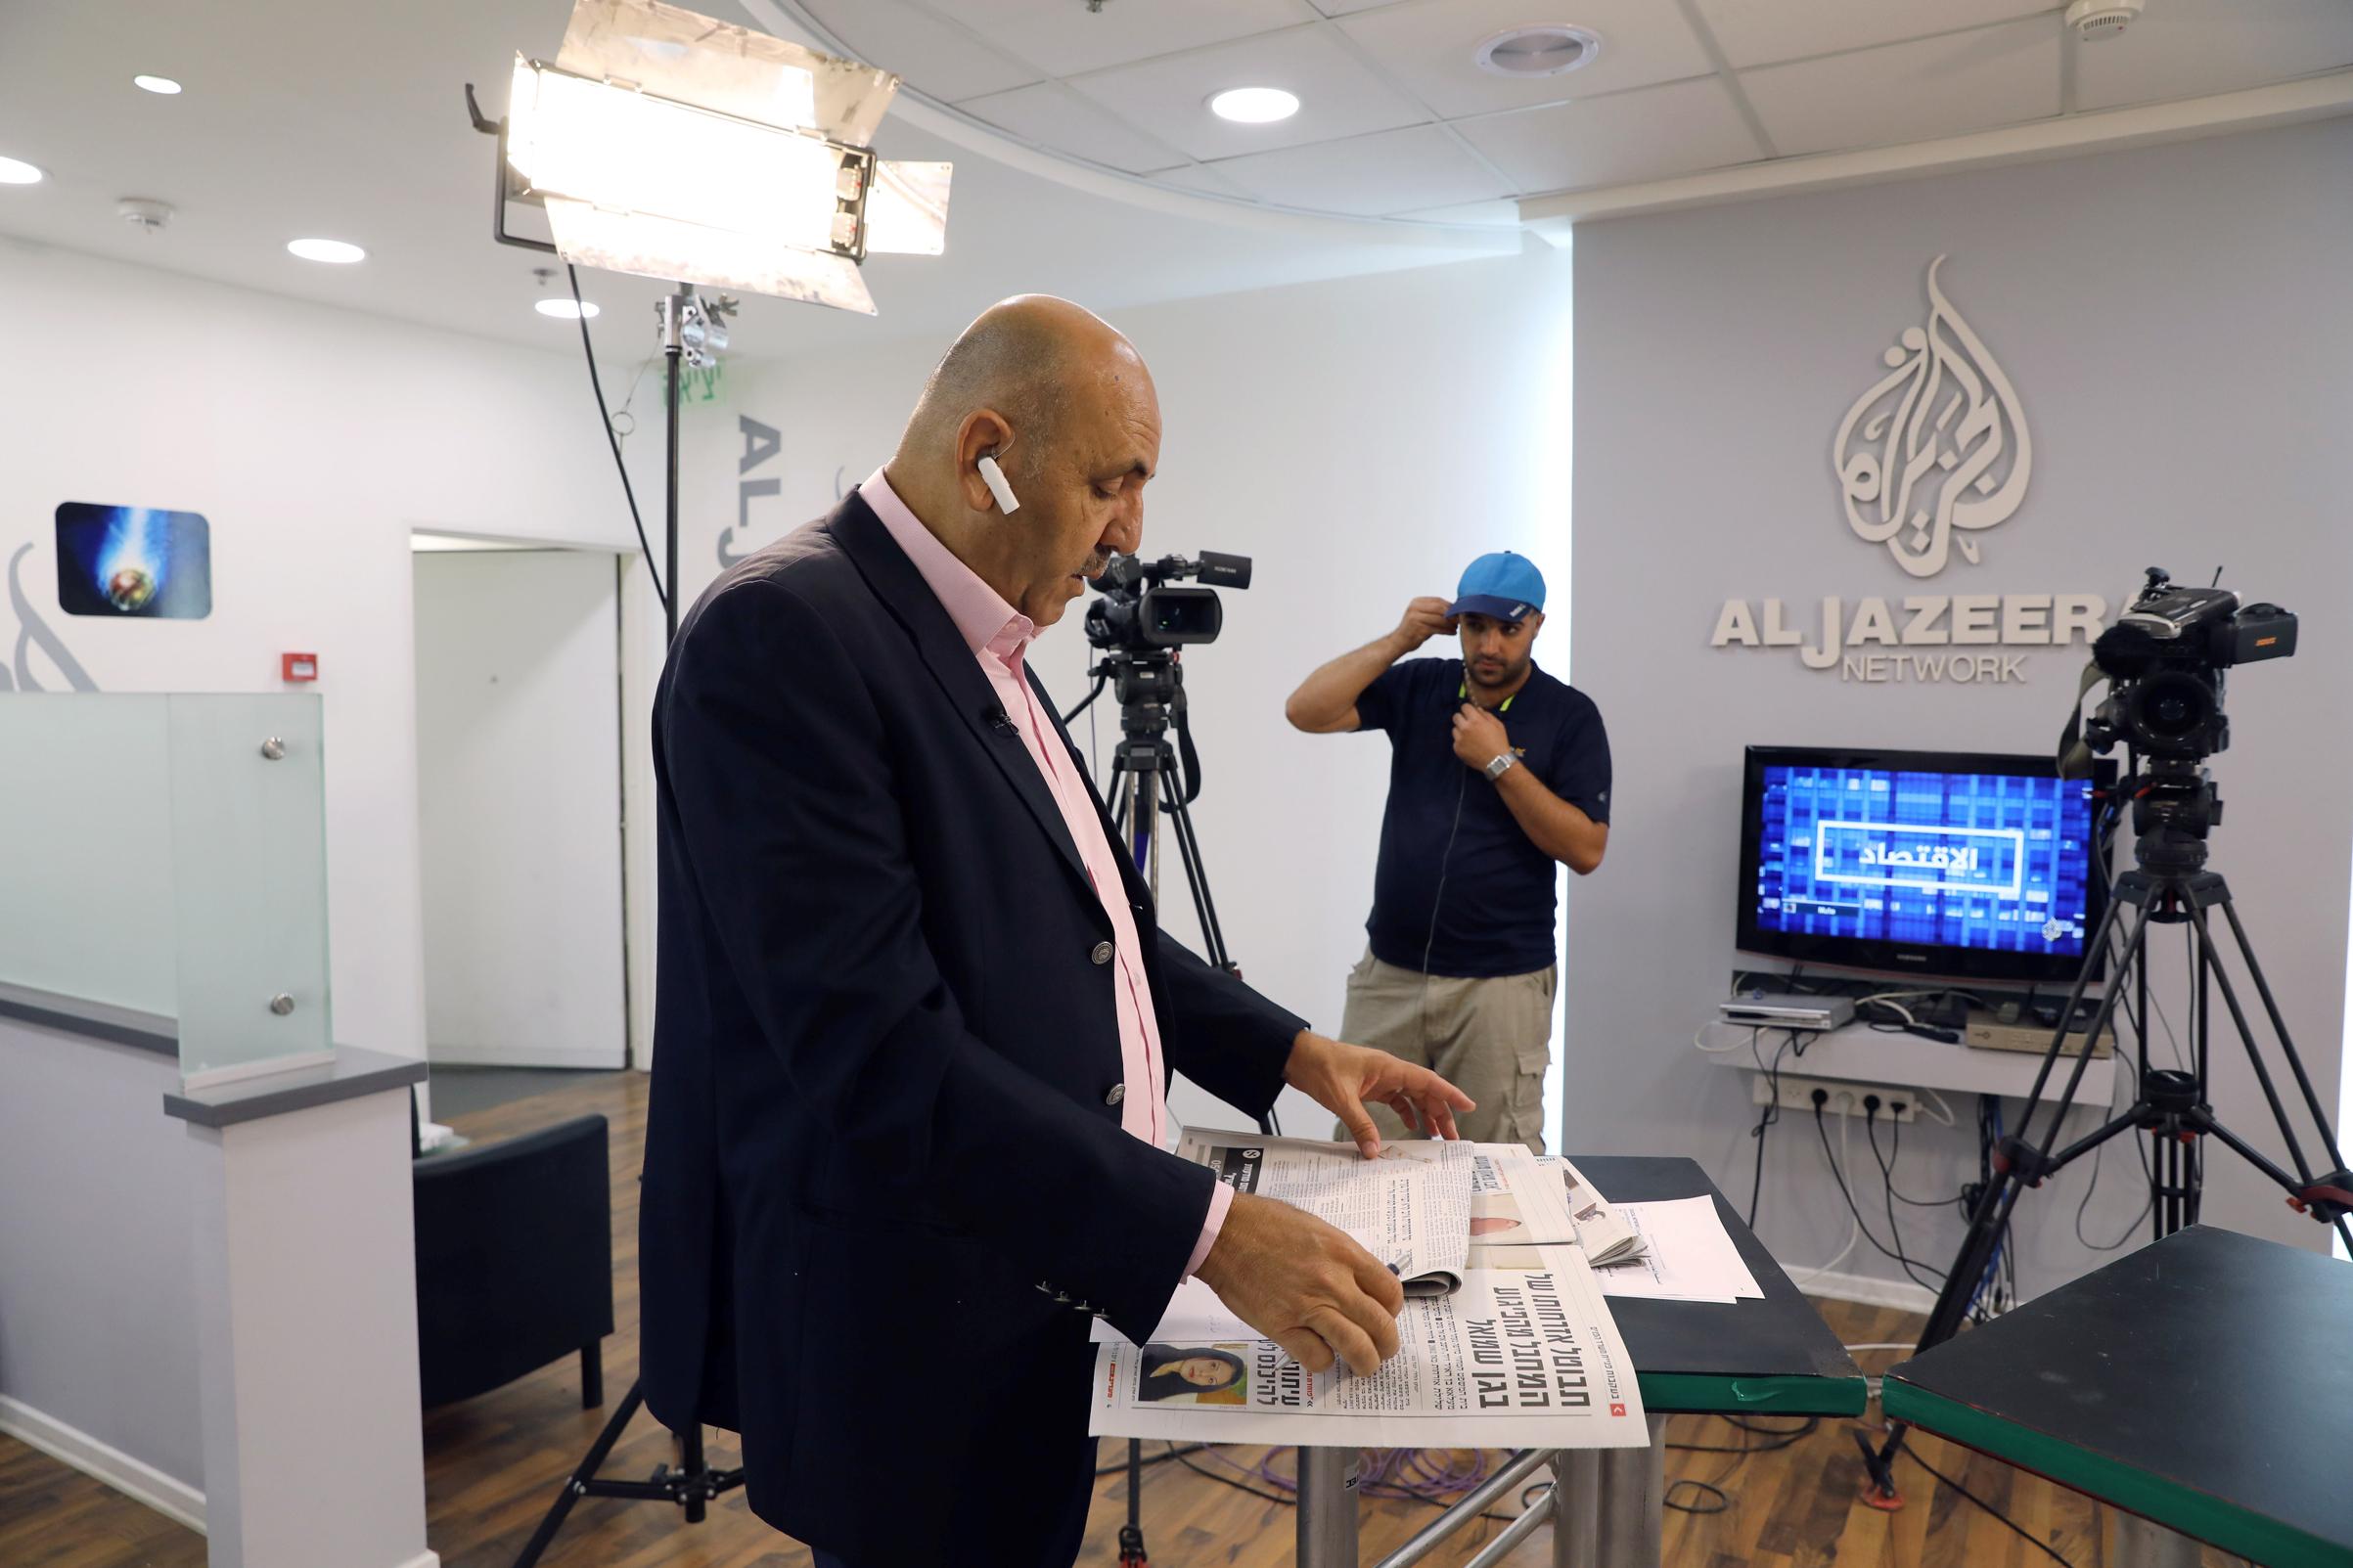 Employees work inside the Al Jazeera in Jerusalem on Aug. 7, 2017.